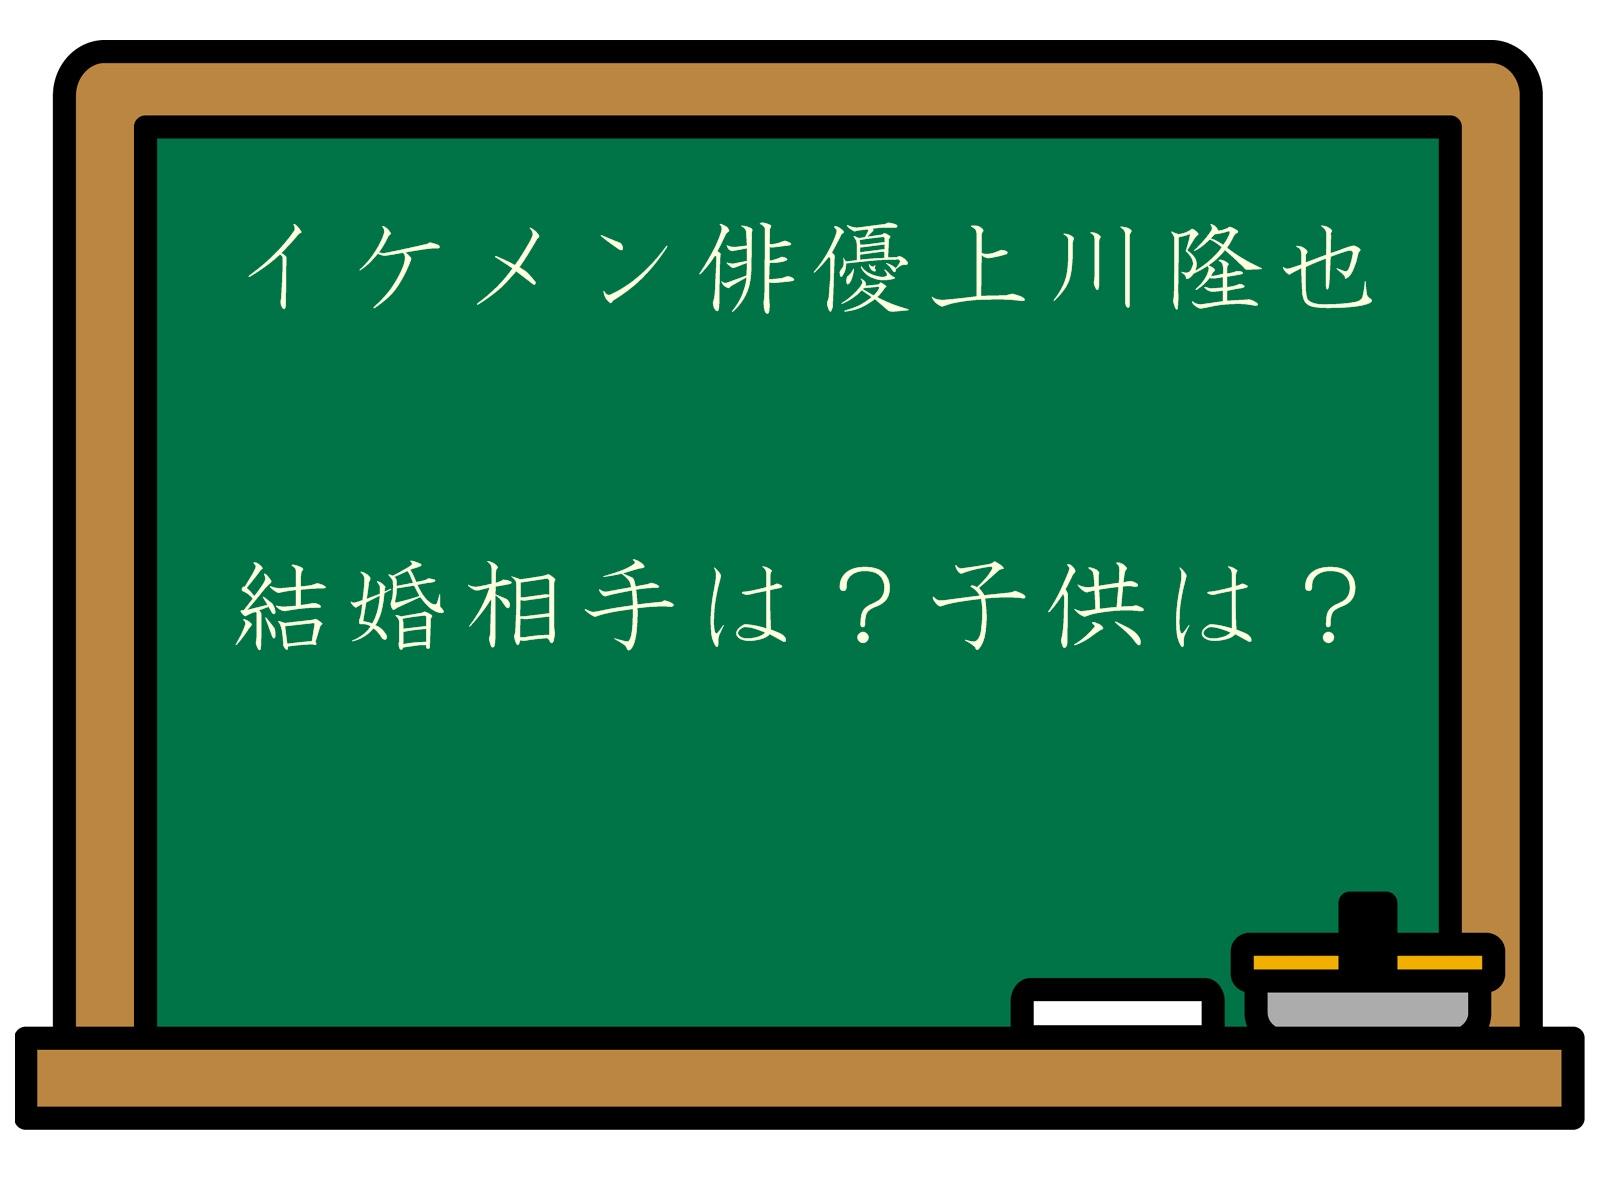 イケメン俳優上川隆也の結婚相手は誰なの?子供はいるの?